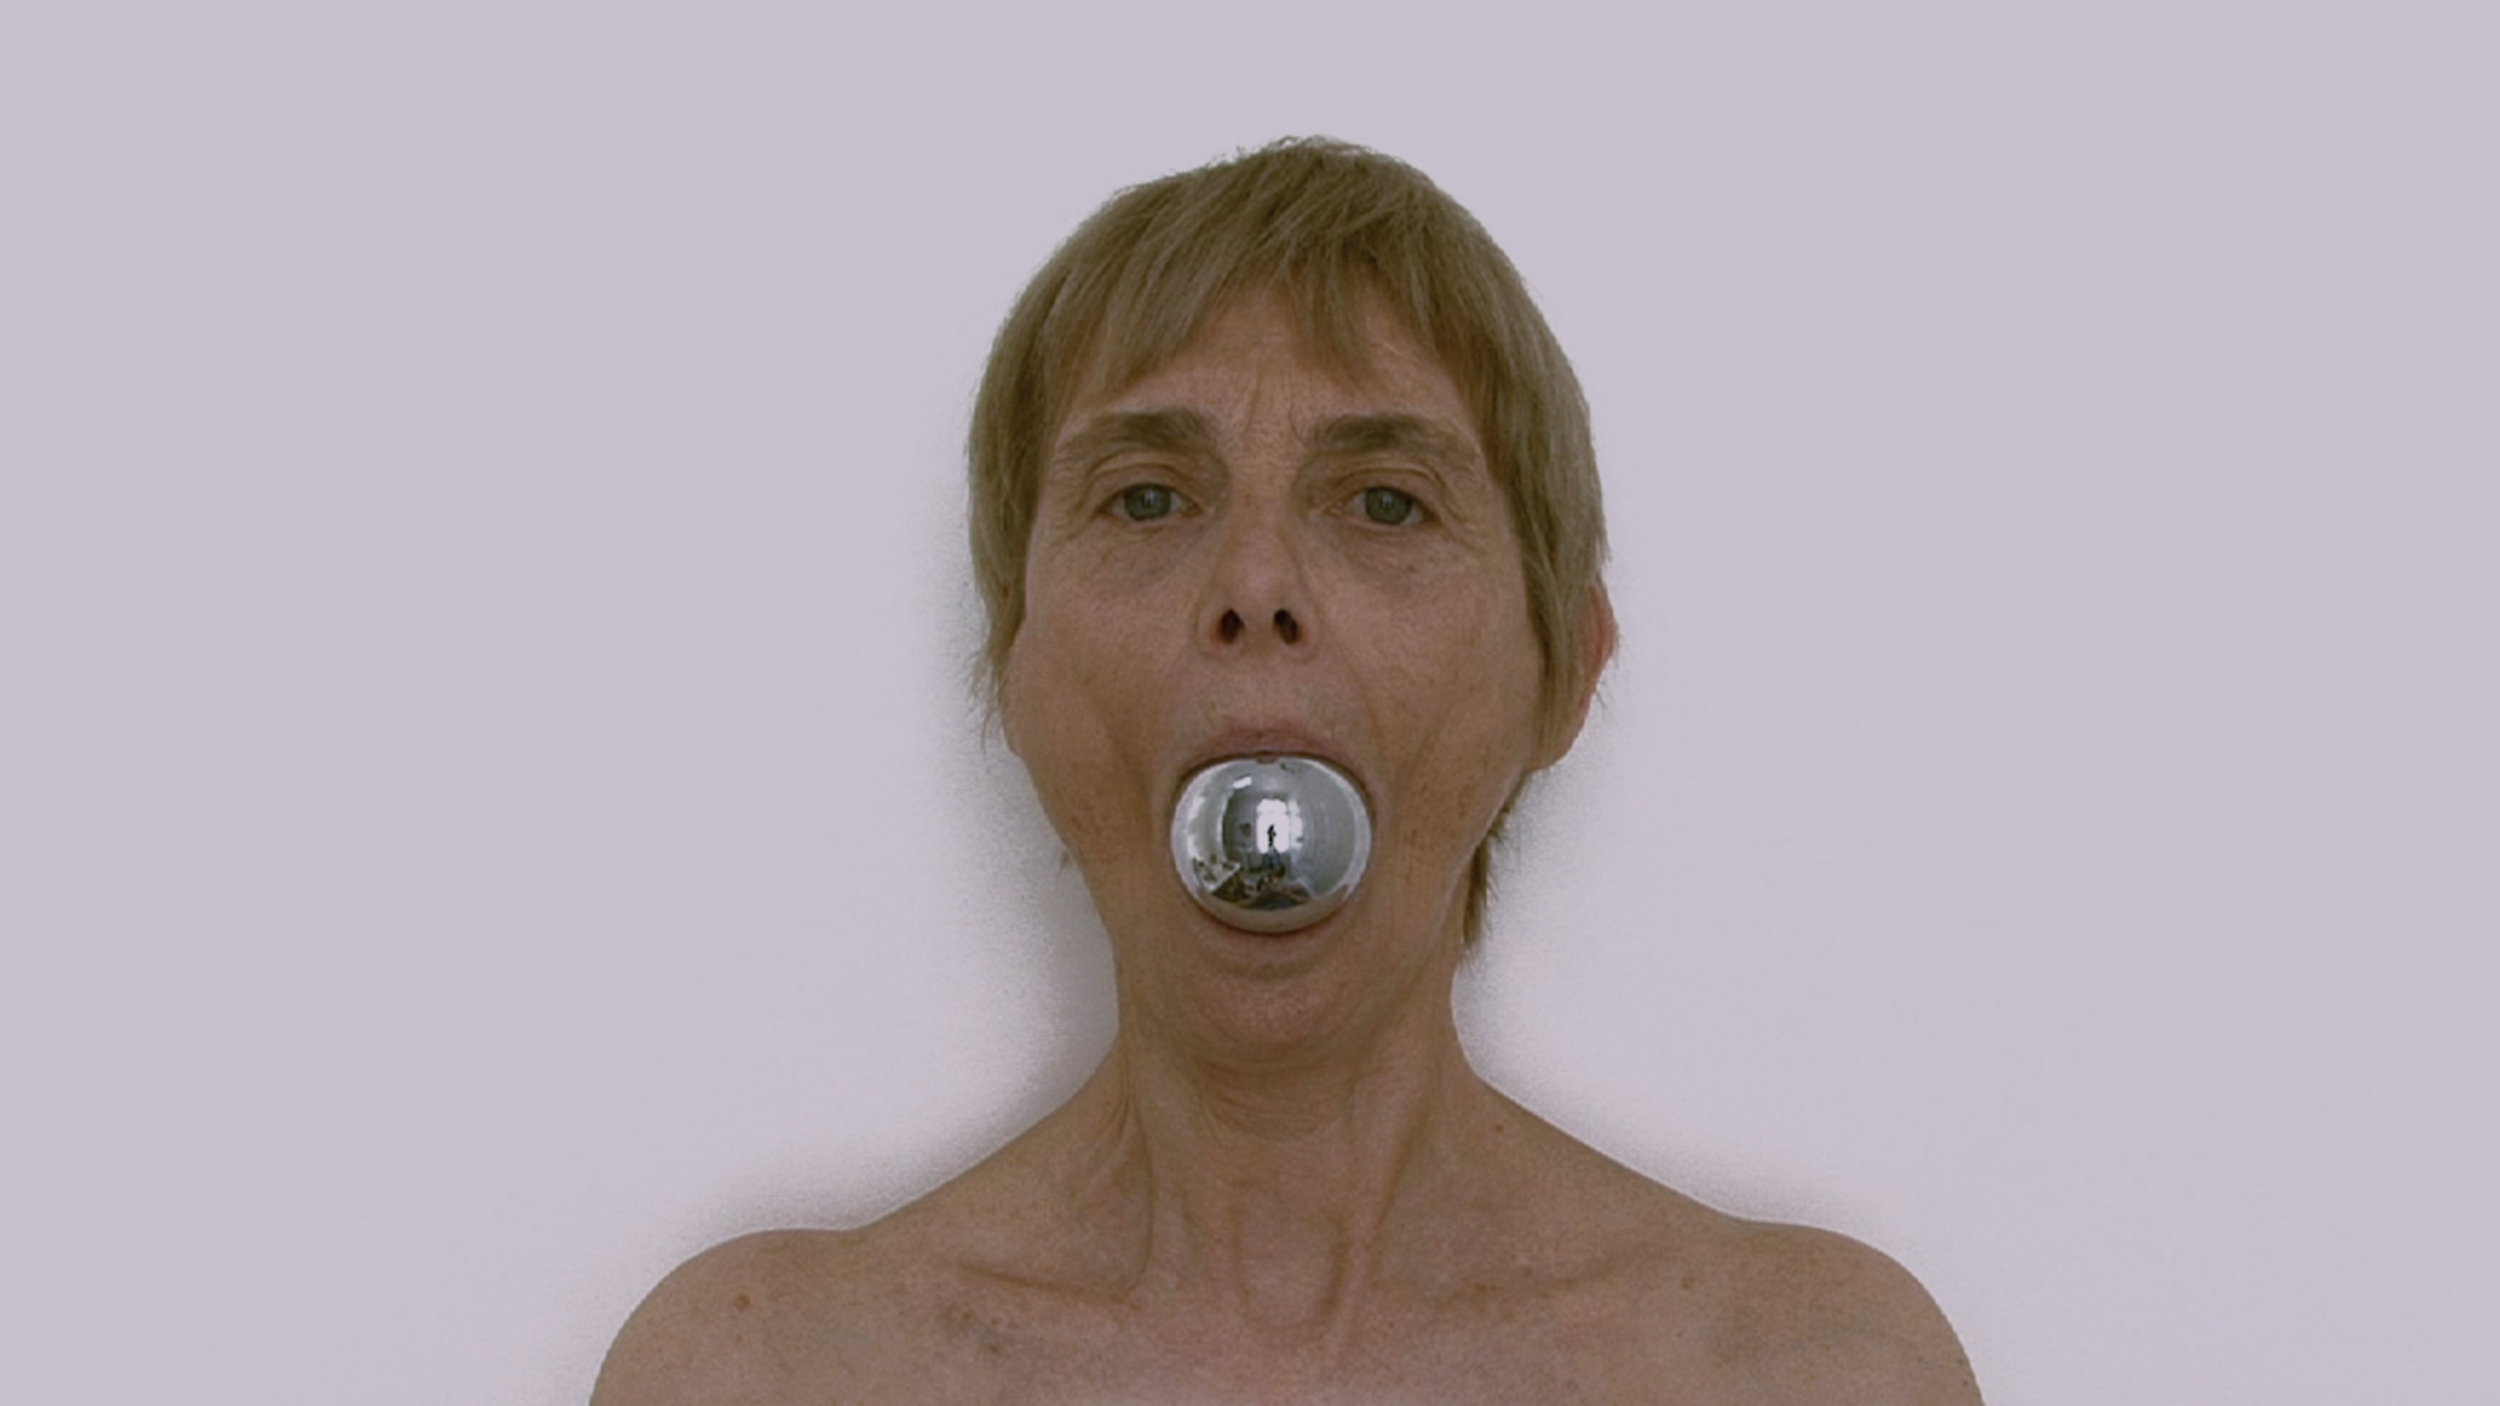 © Chantal duPont, Visages (2013). Video still.